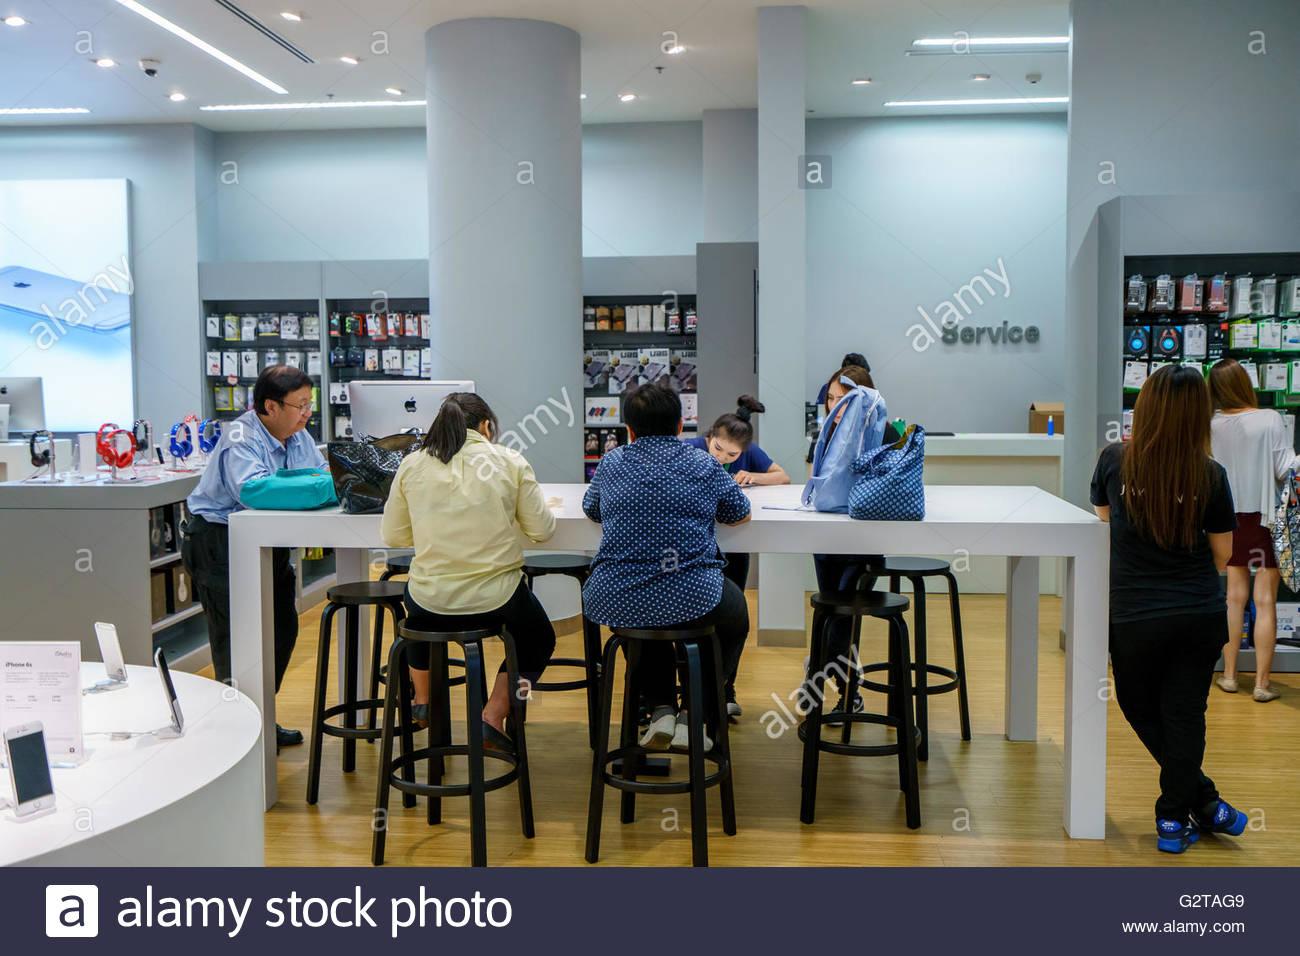 Apple Store Information Desk Images